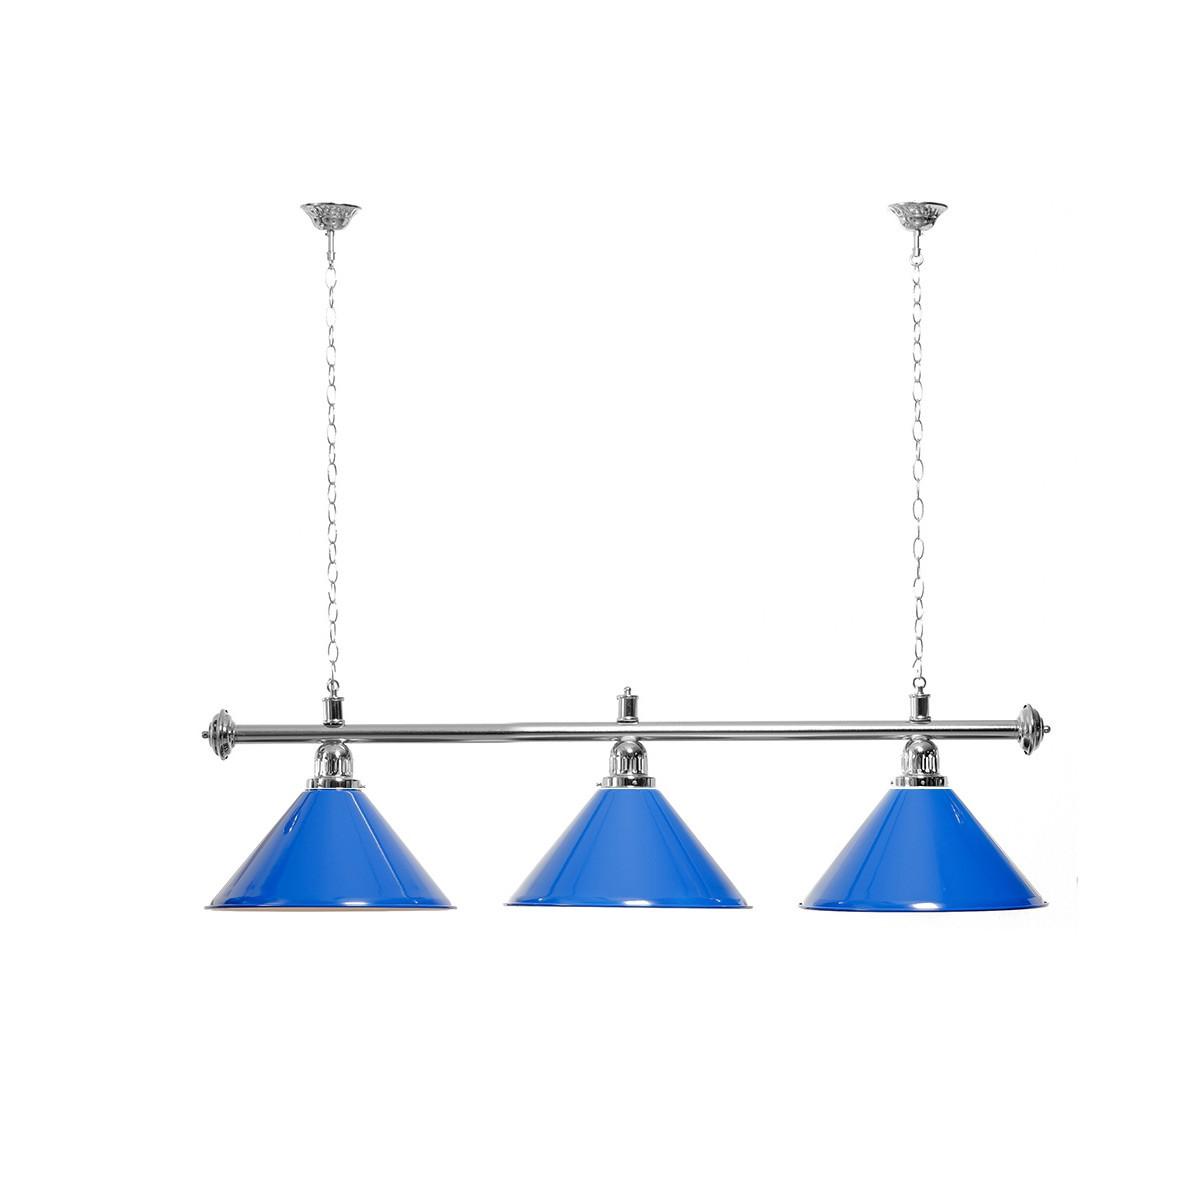 Billard Lampe 3 Schirme blau / silberfarbene Halterung